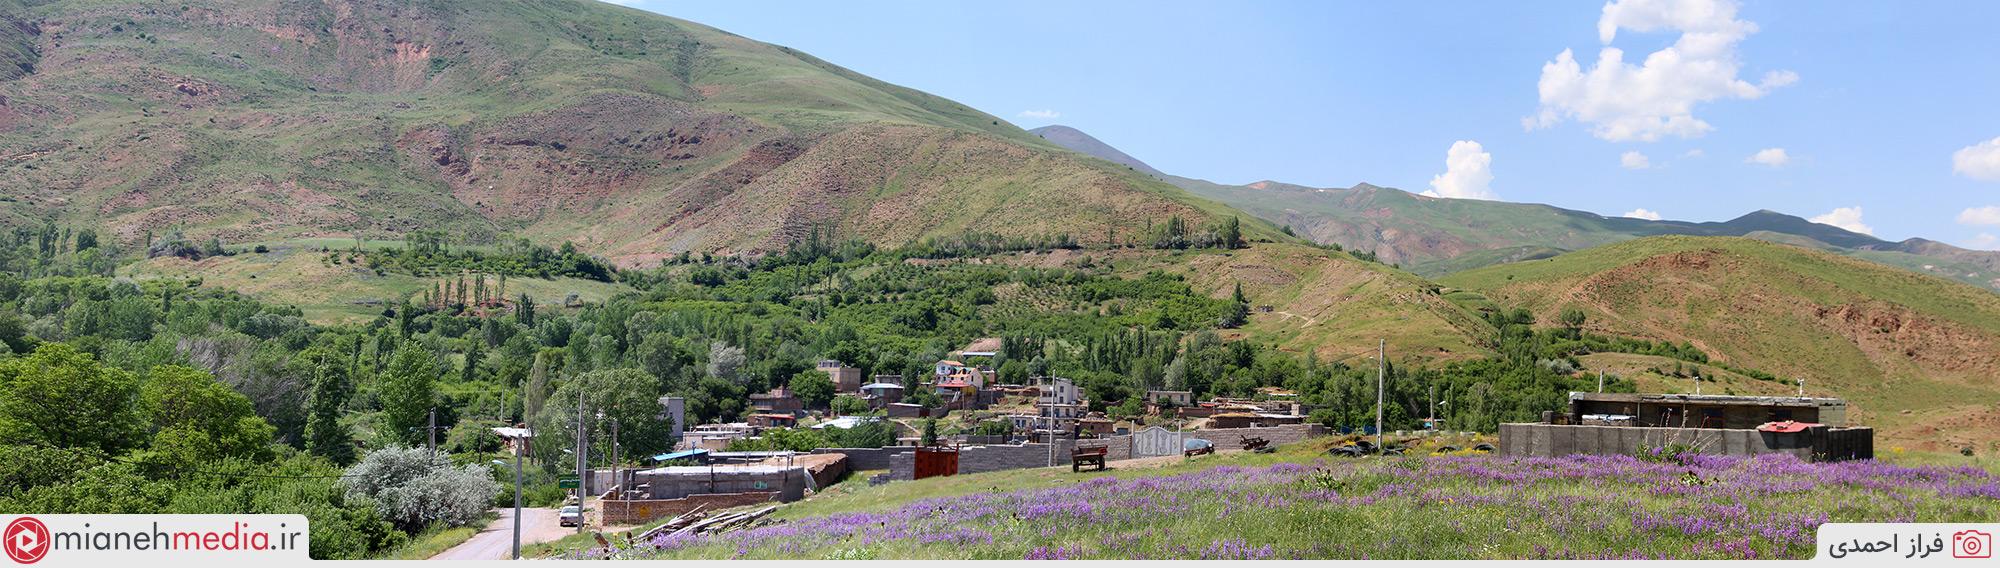 روستای سیه منصور (سیه منصی)